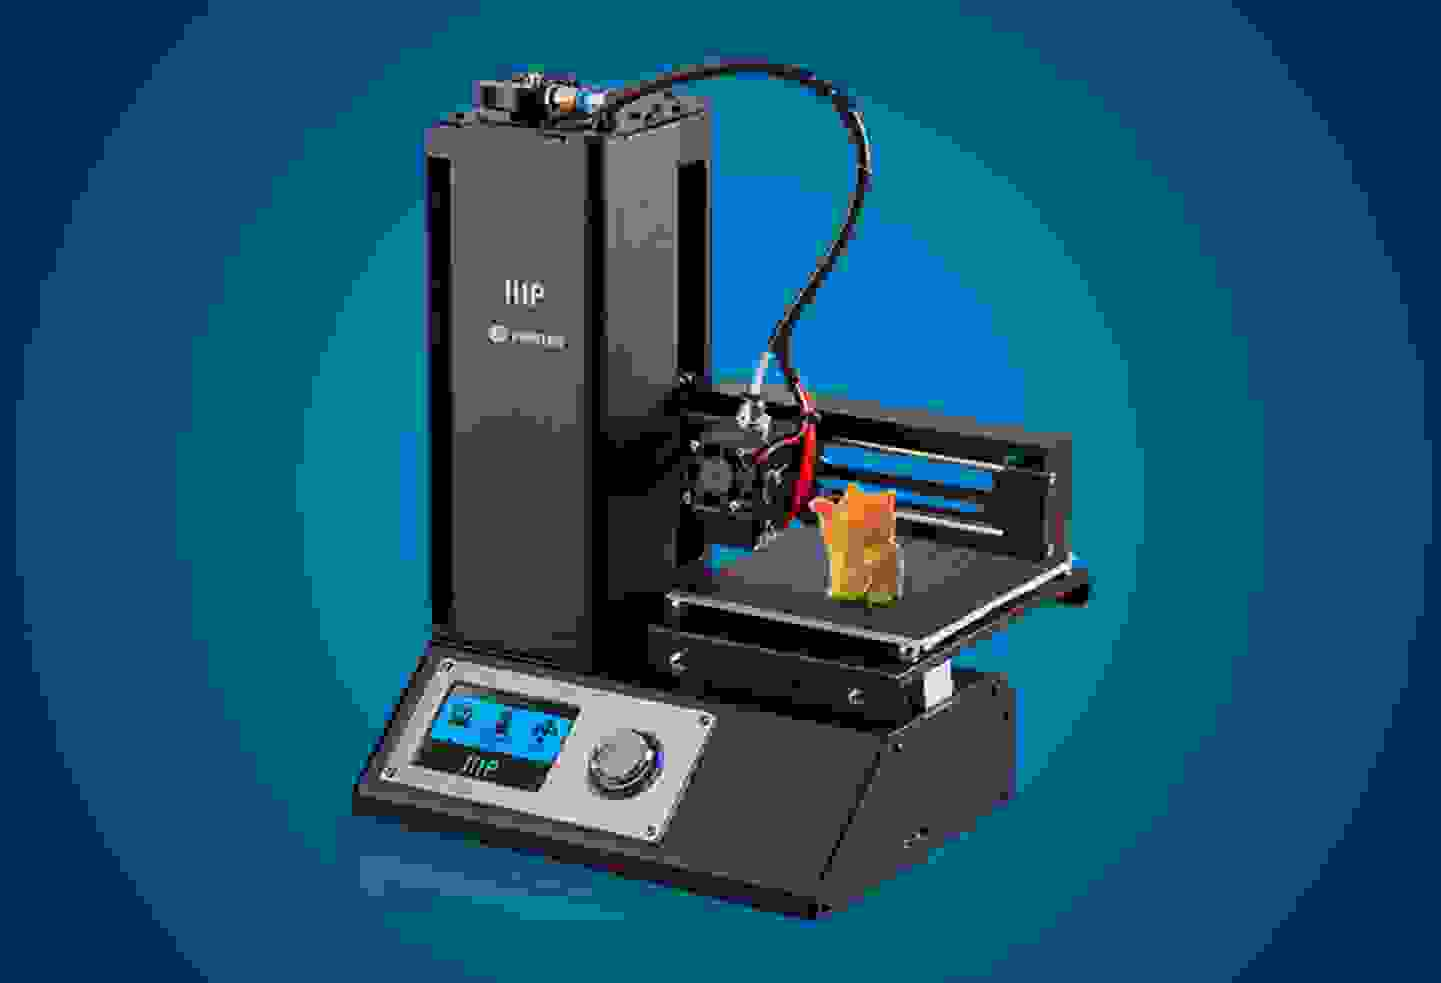 Monoprice - Imprimante 3D MP Select Mini V2 »